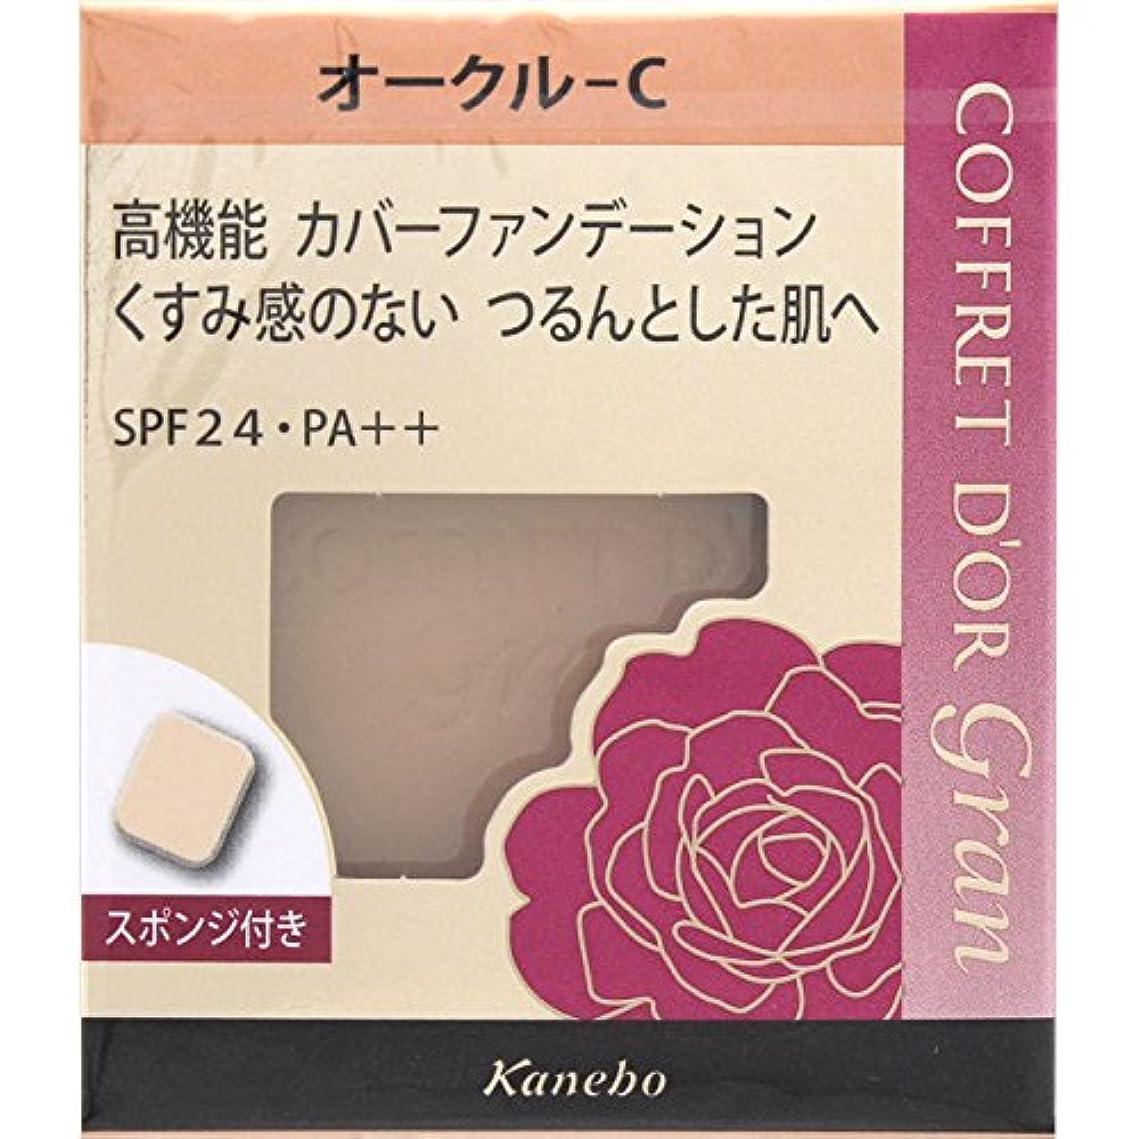 予測する敬ハウスカネボウ(Kanebo) コフレドールグランカバーフィットパクトUVII《10.5g》<カラー:オークルC>